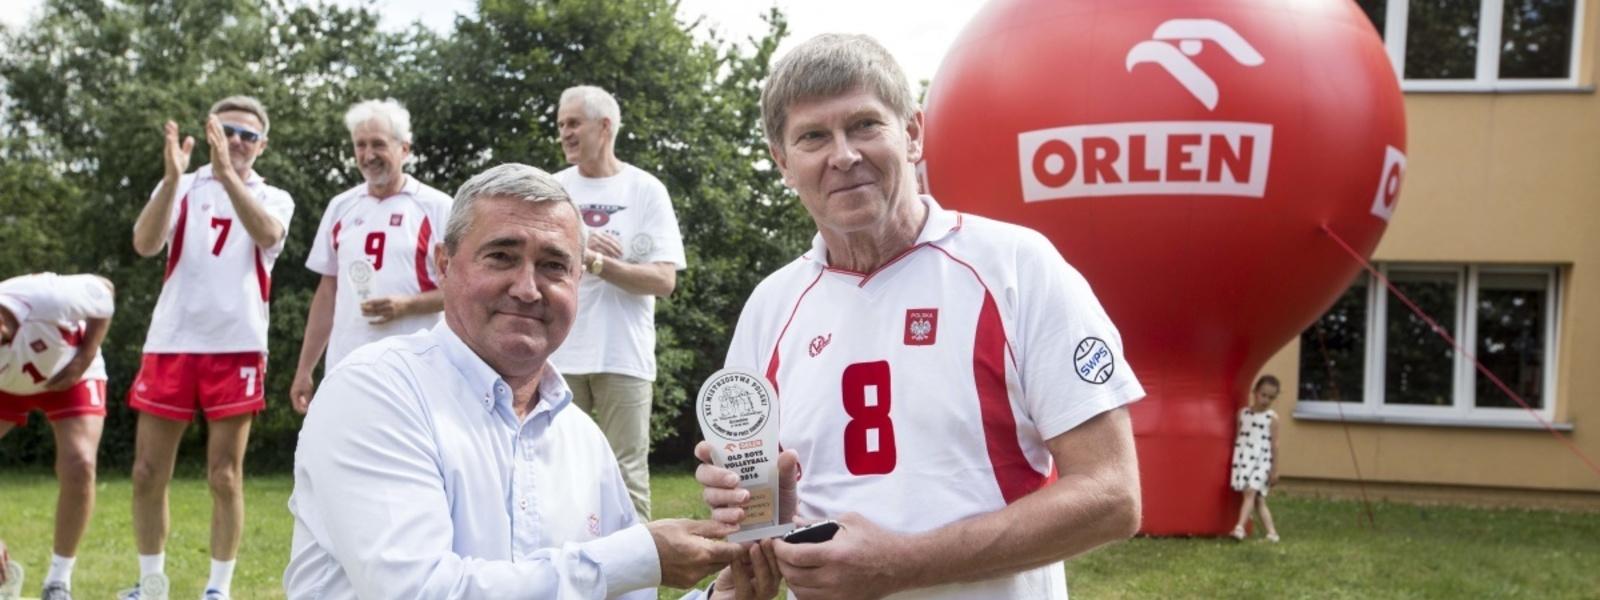 Ponad 40 drużyn zgłosiło się już do XXII ORLEN Mistrzostw Polski Old Boyów w piłce siatkowej im. Wojciecha Zielińskiego